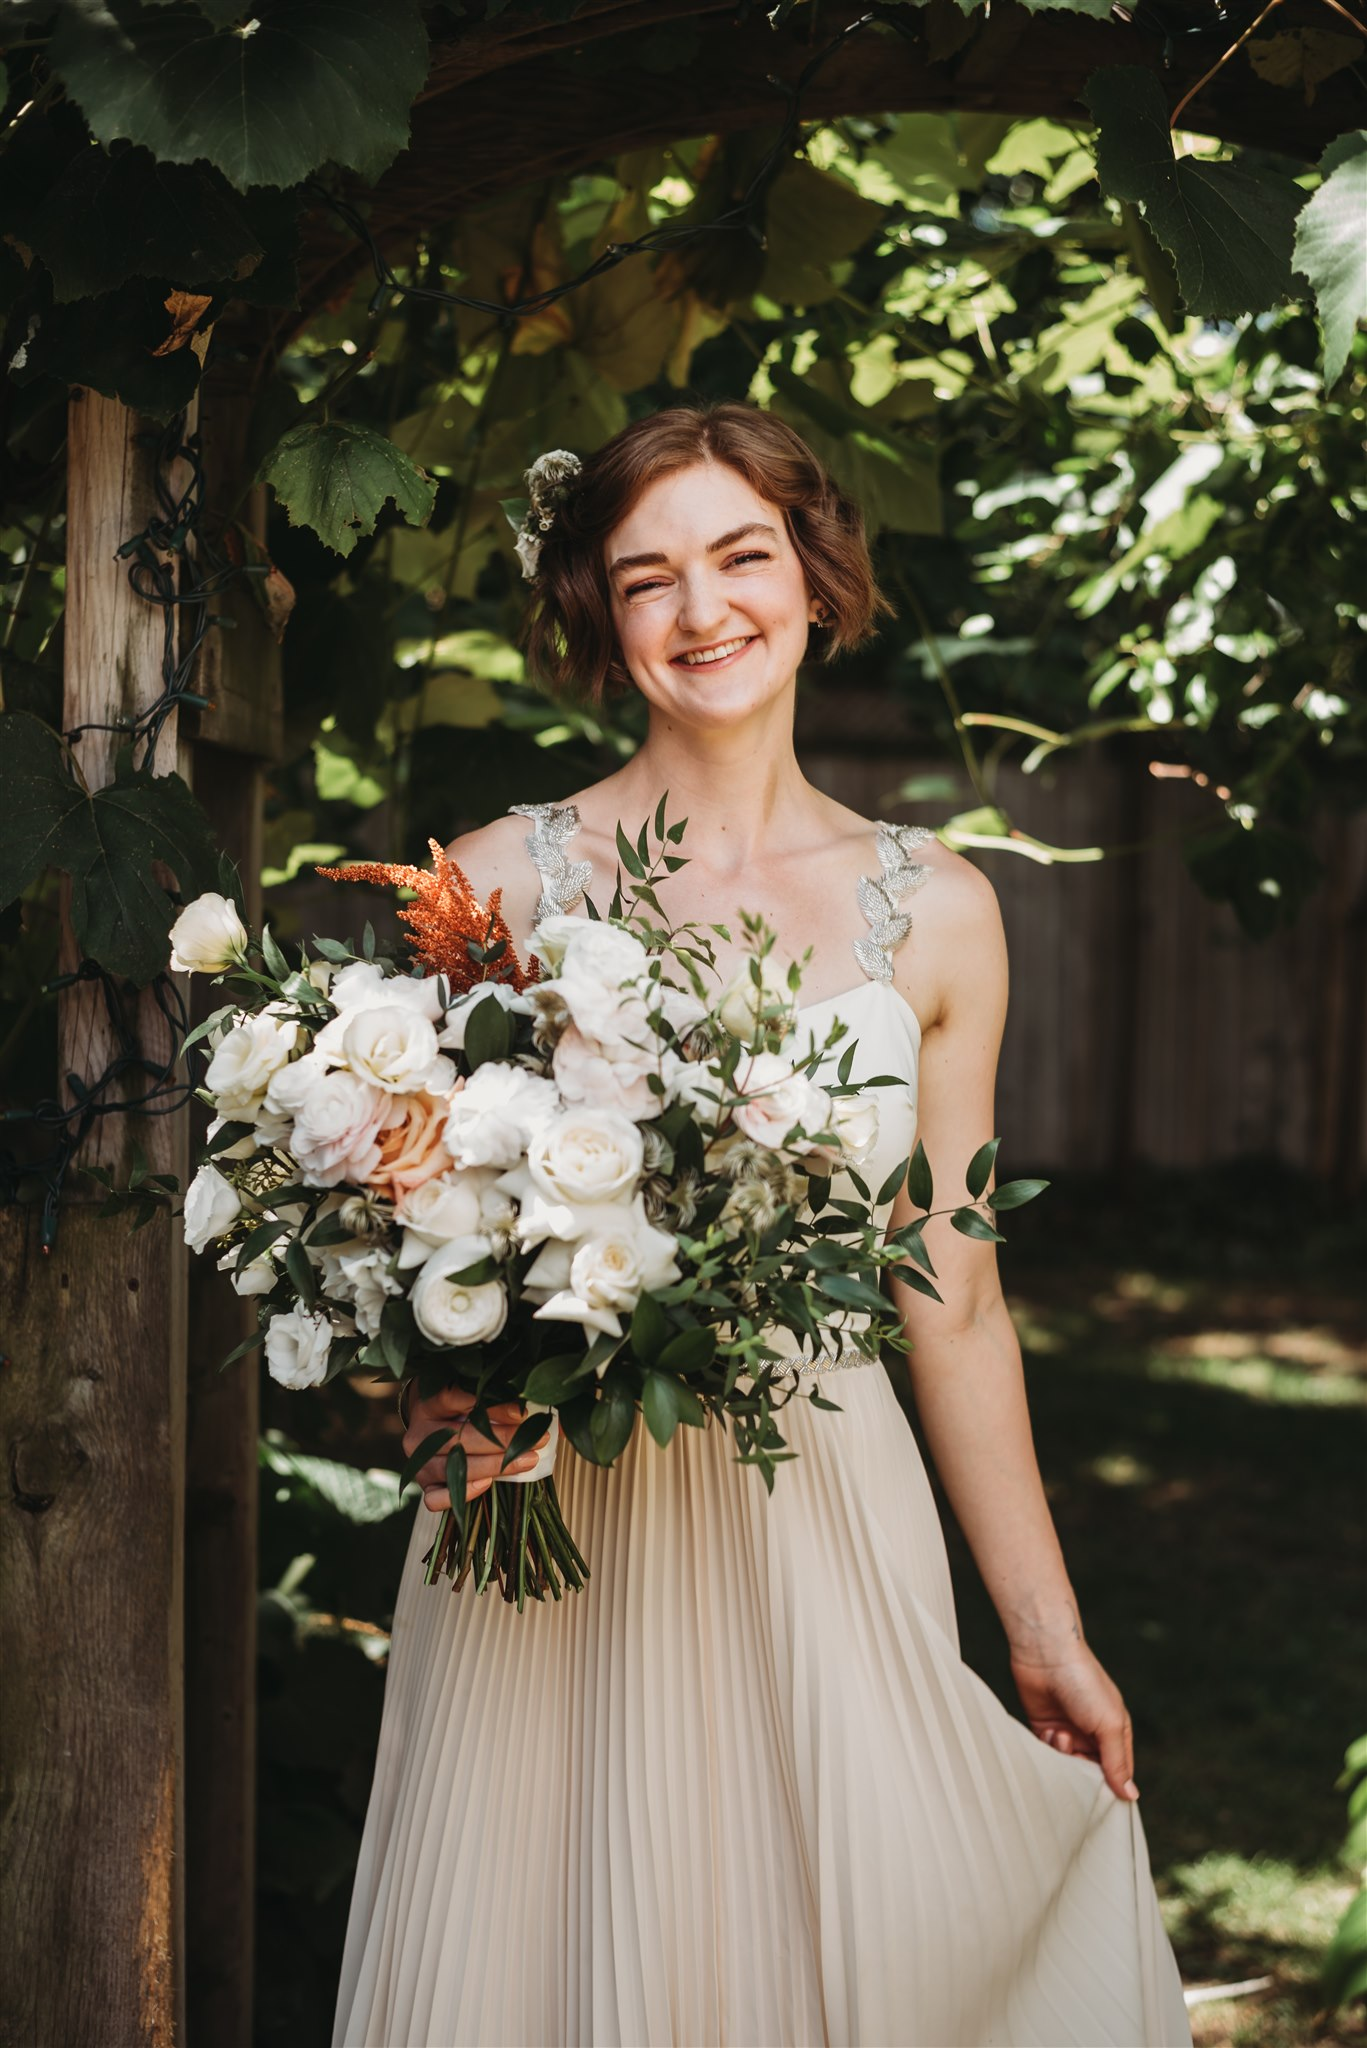 beautiful backyard rustic wedding in london ontario